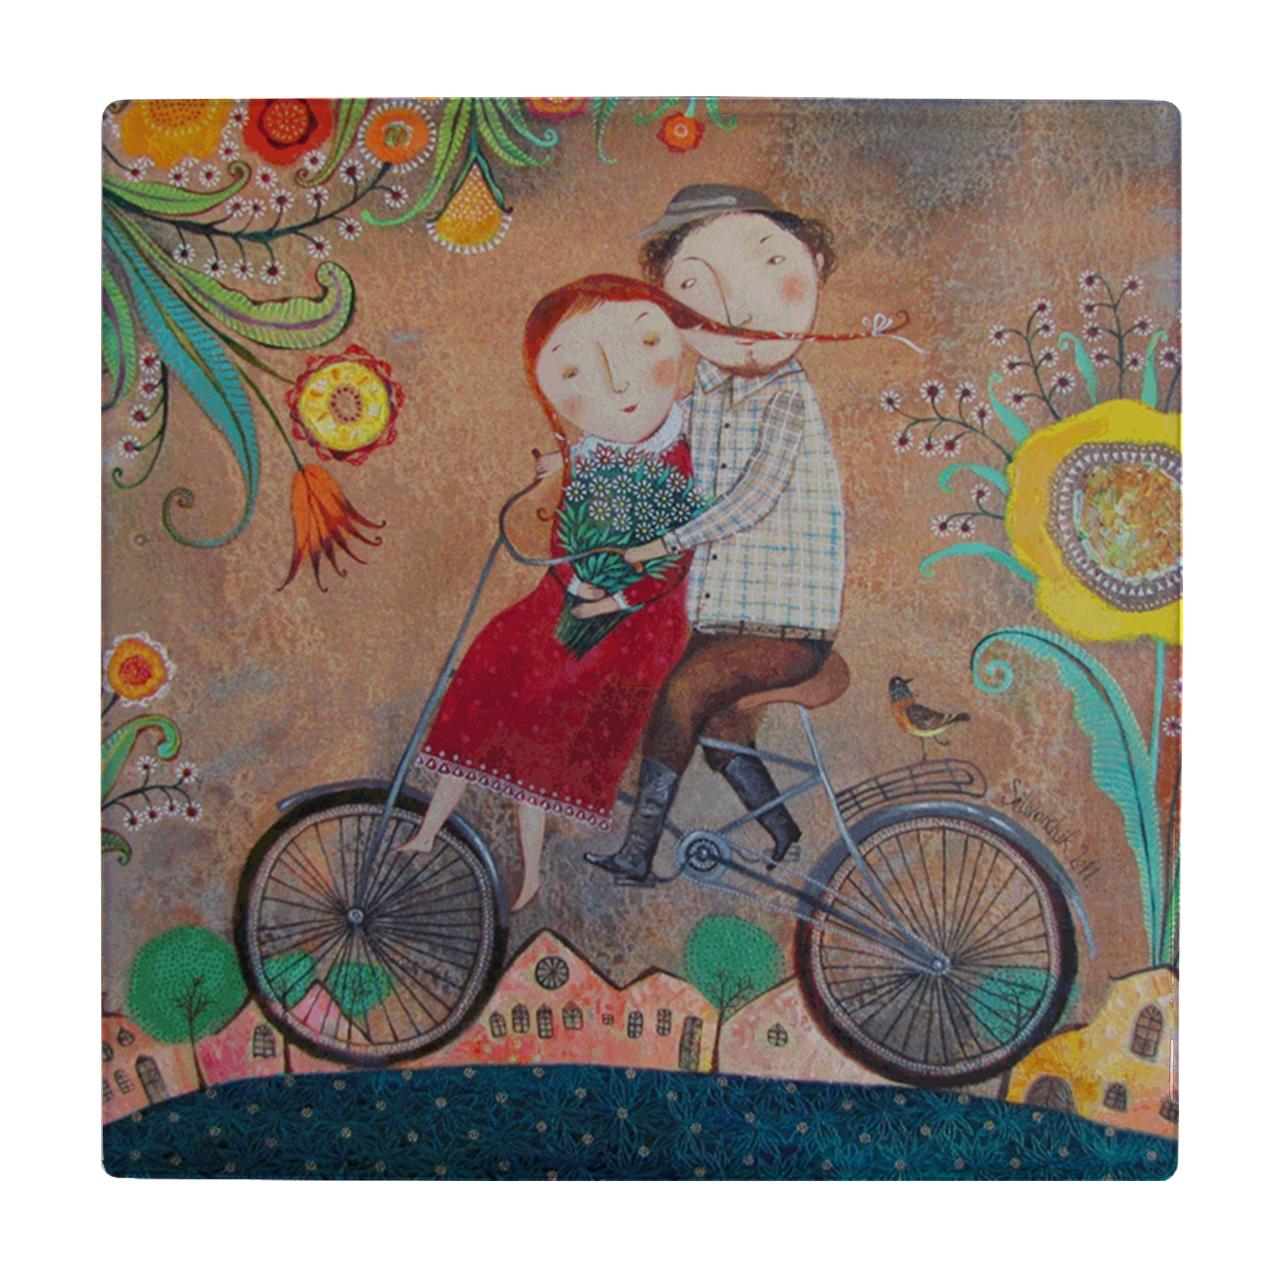 عکس کاشی طرح عشاق دوچرخه سوار کد wk108